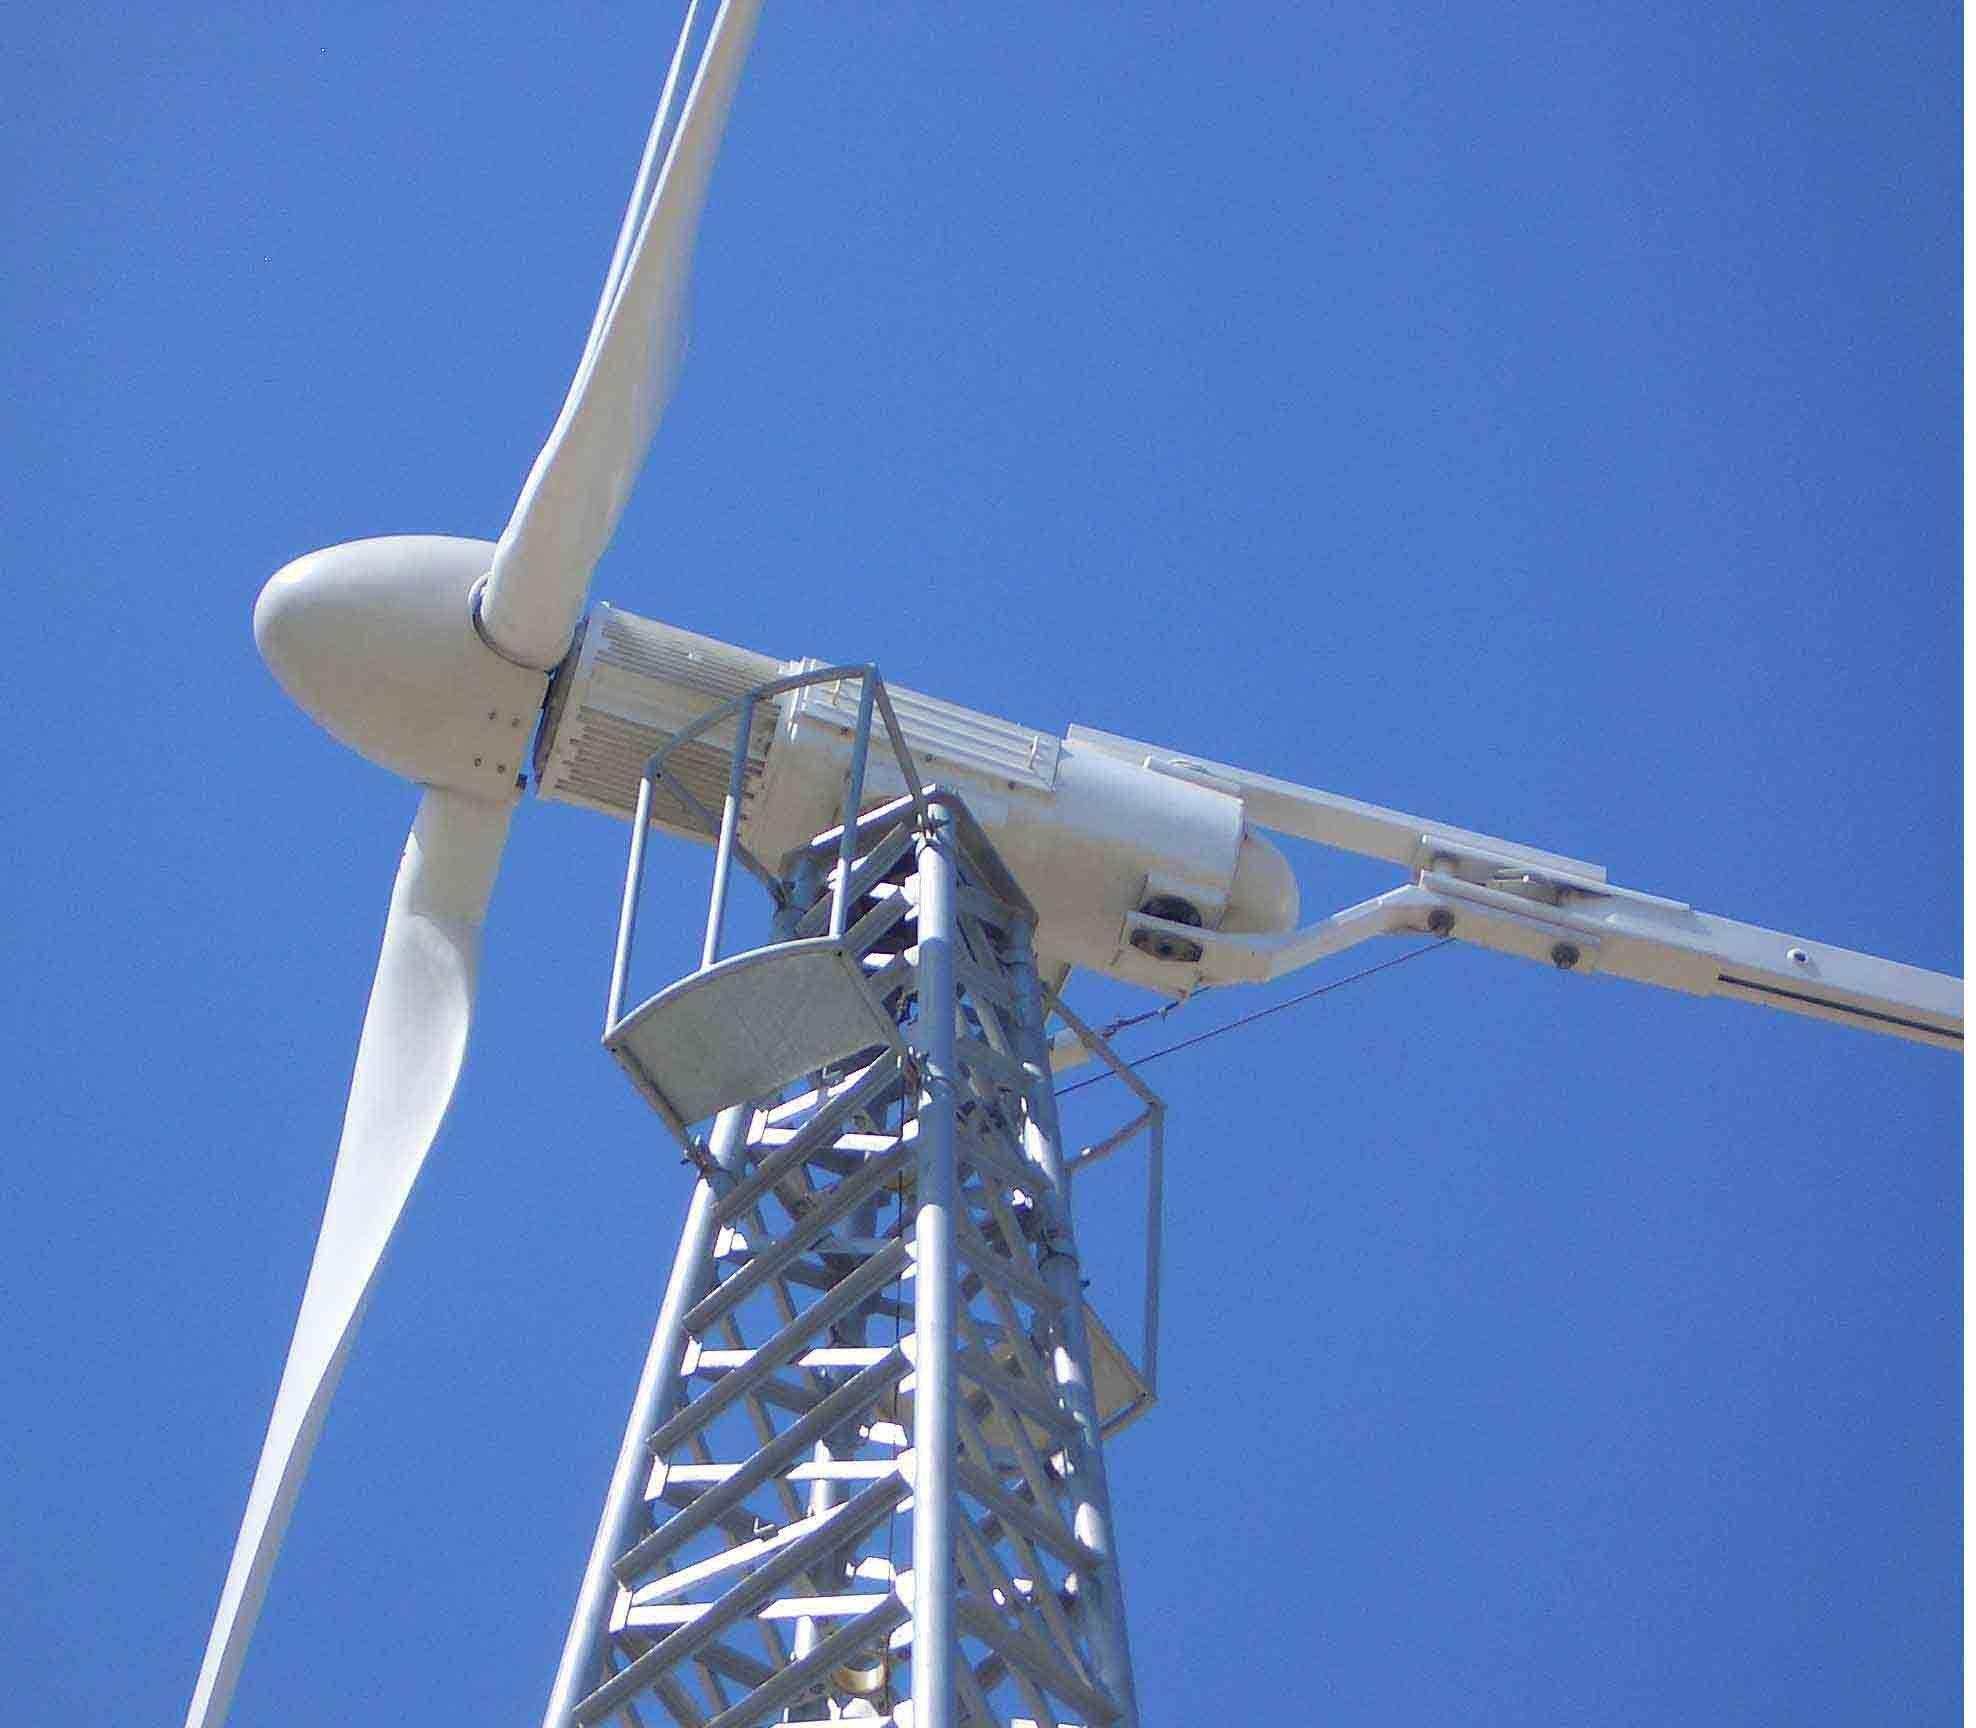 风力发电机3000a 风力发电机价格 风力发电机厂家 湖南风高清图片